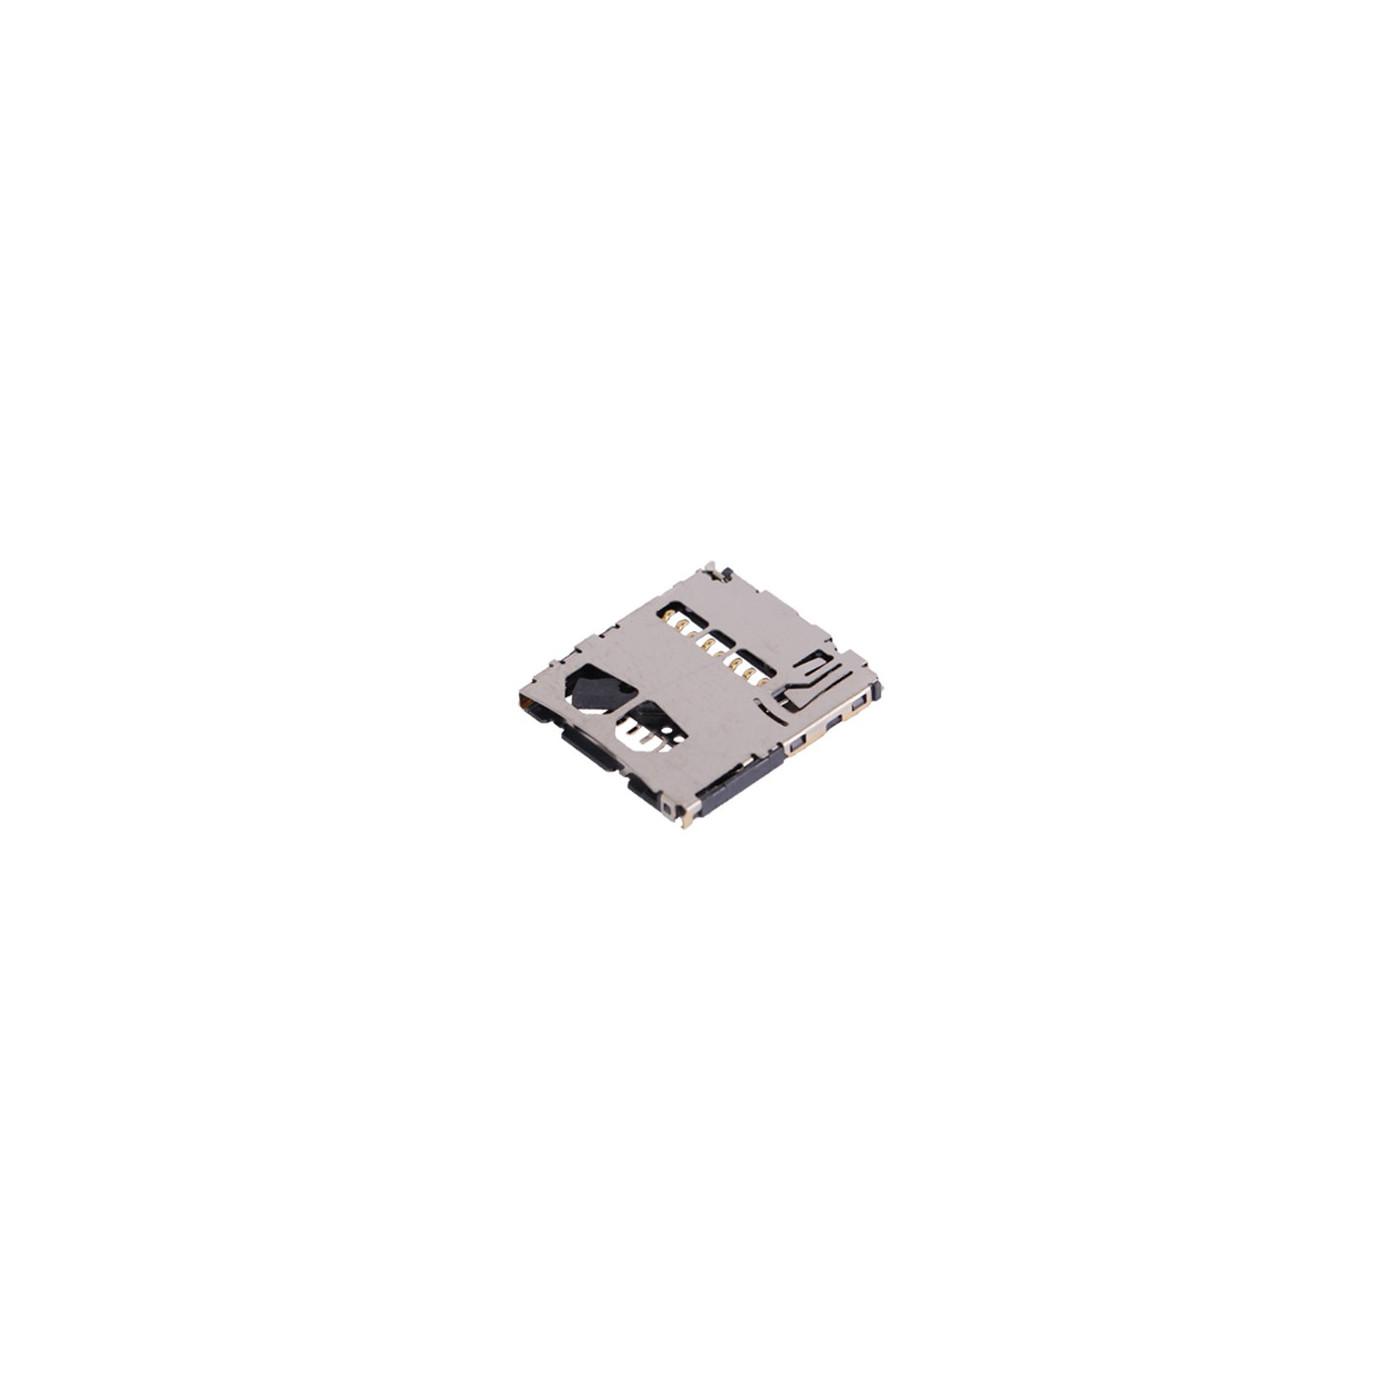 Sim Kartensteckplatz Kartenleser für Samsung Galaxy S i9000